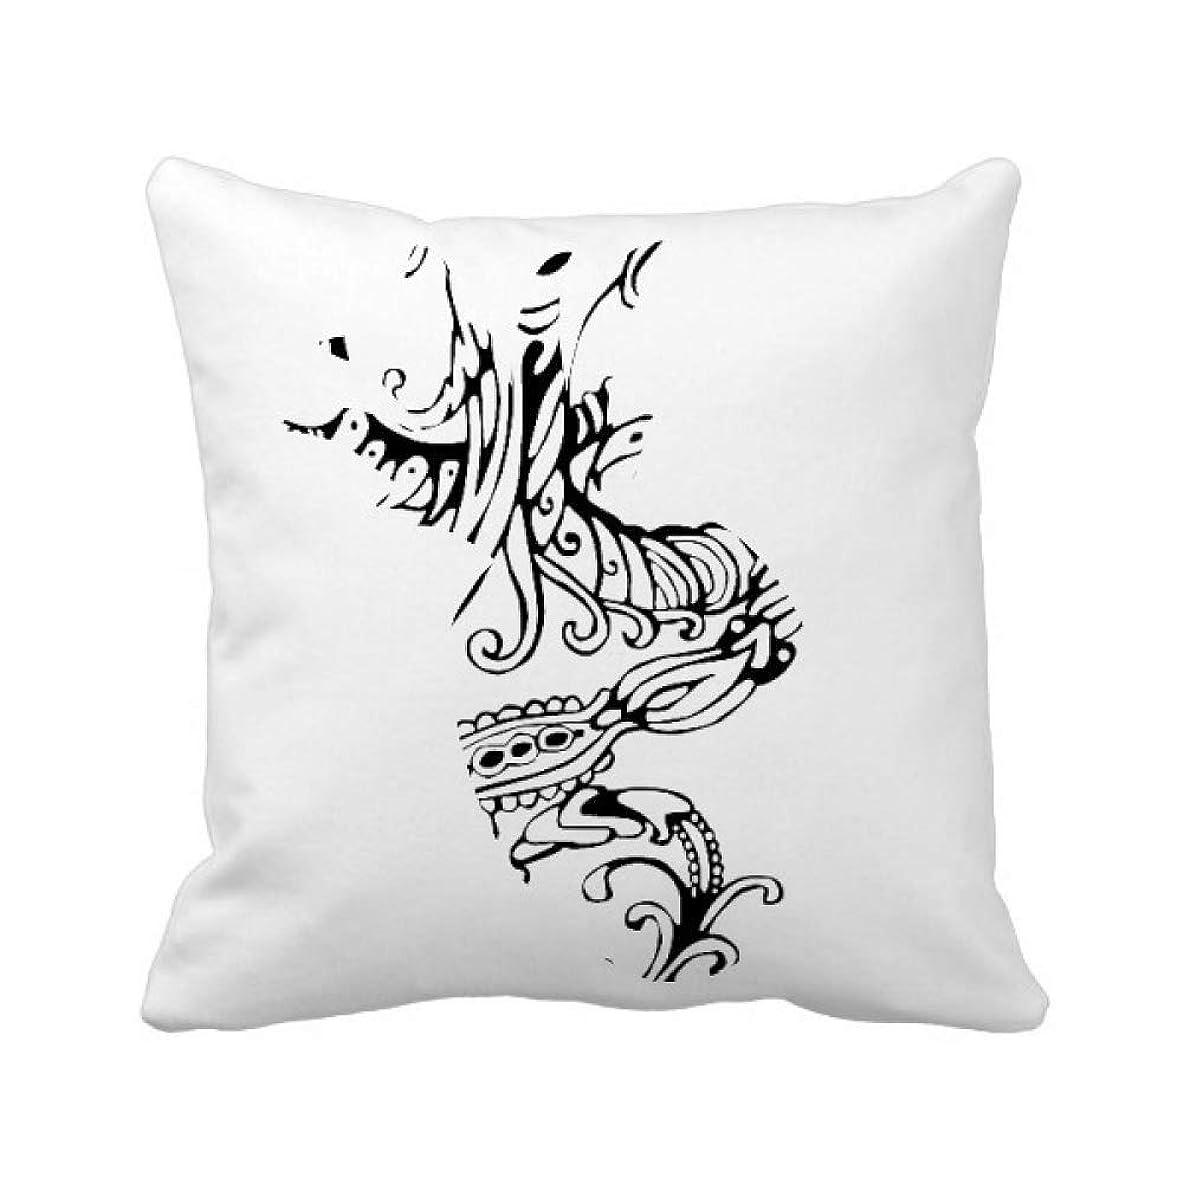 羊の属性船乗りライン塗装のドラゴンは中国の文化芸術 パイナップル枕カバー正方形を投げる 50cm x 50cm